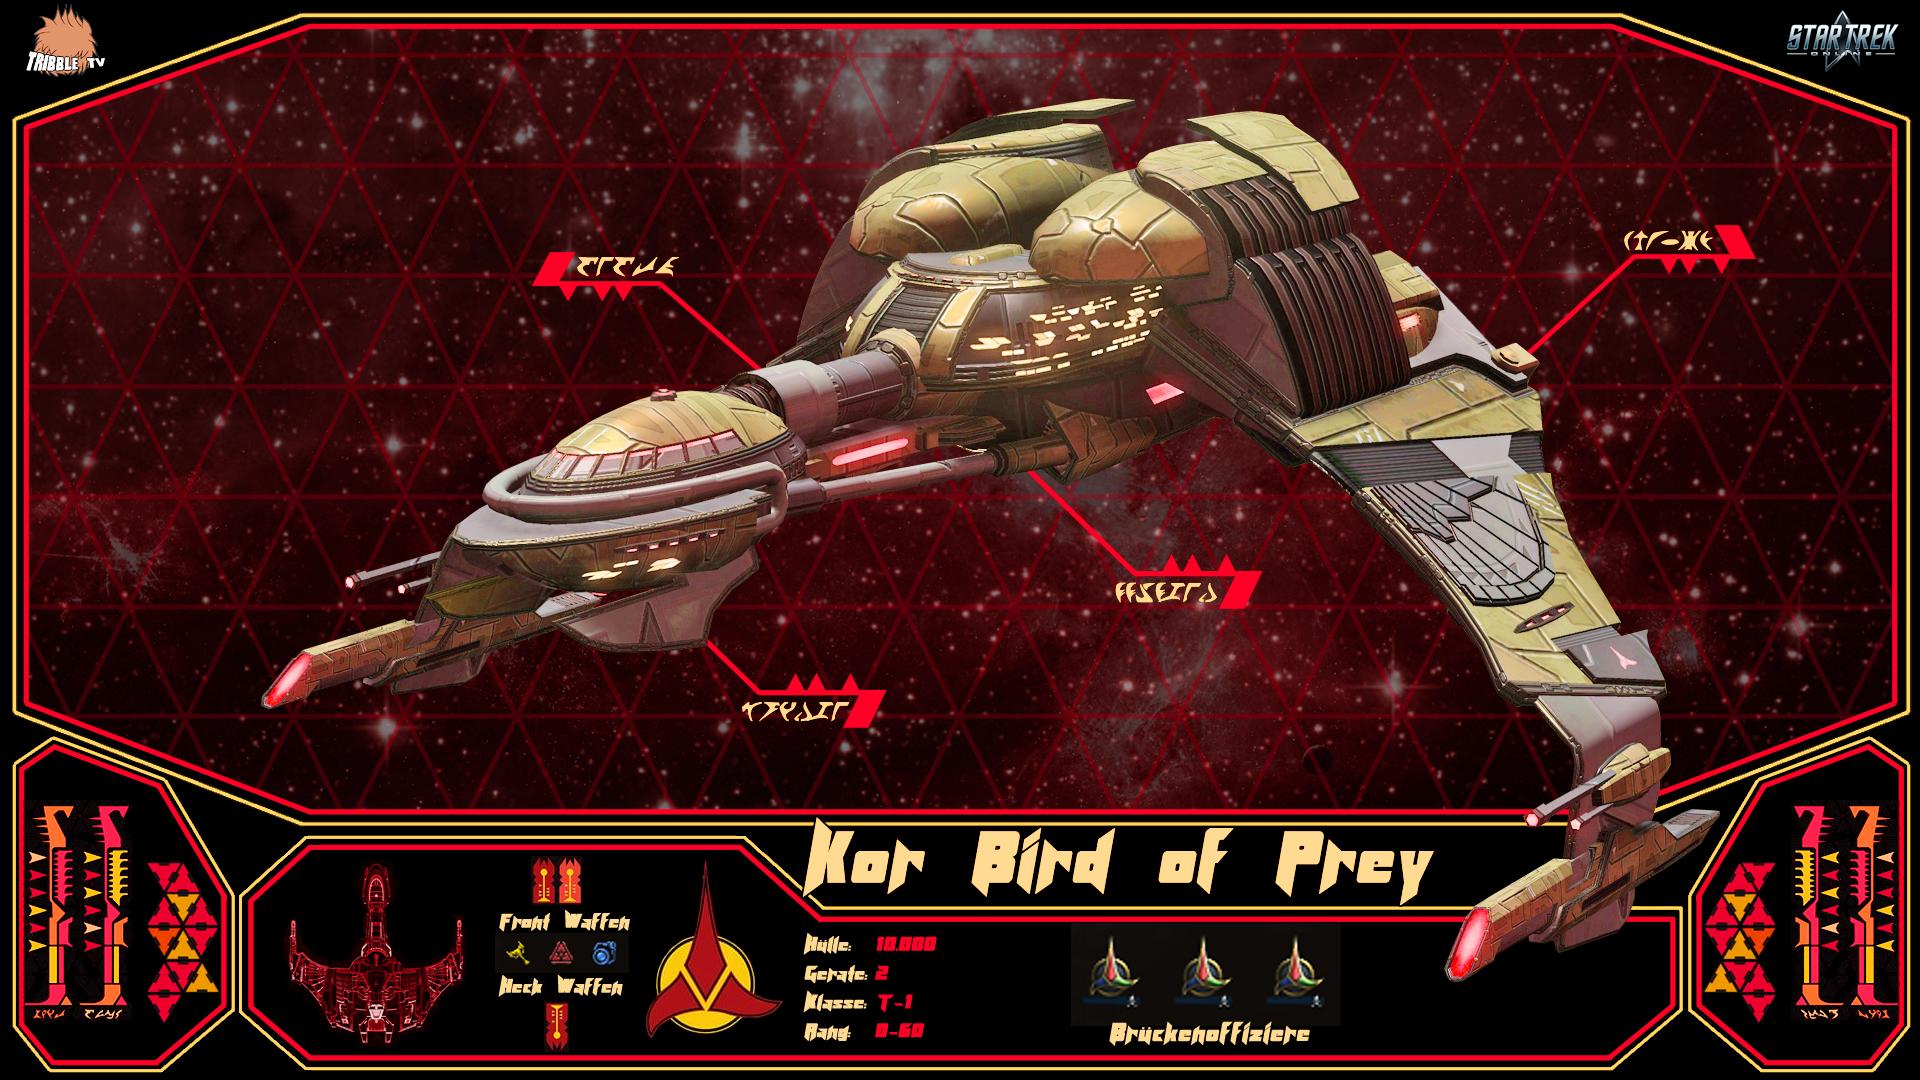 Kor Bird of Prey T-1